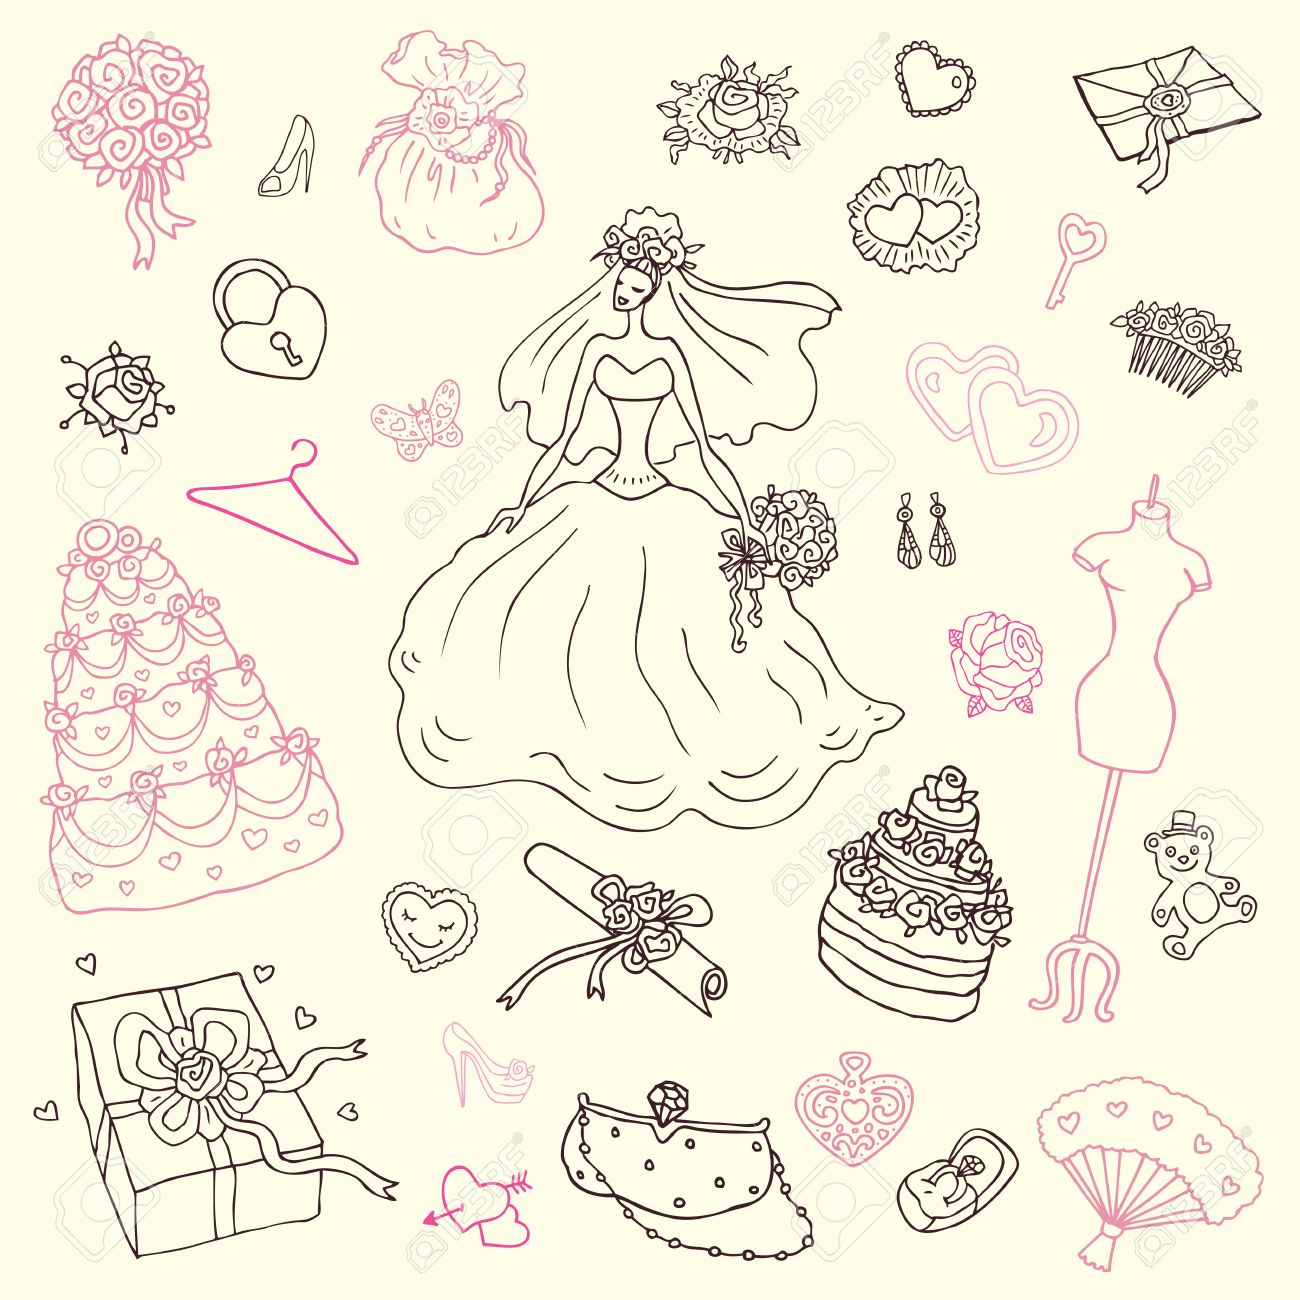 かわいい手描きイラストの結婚式セット